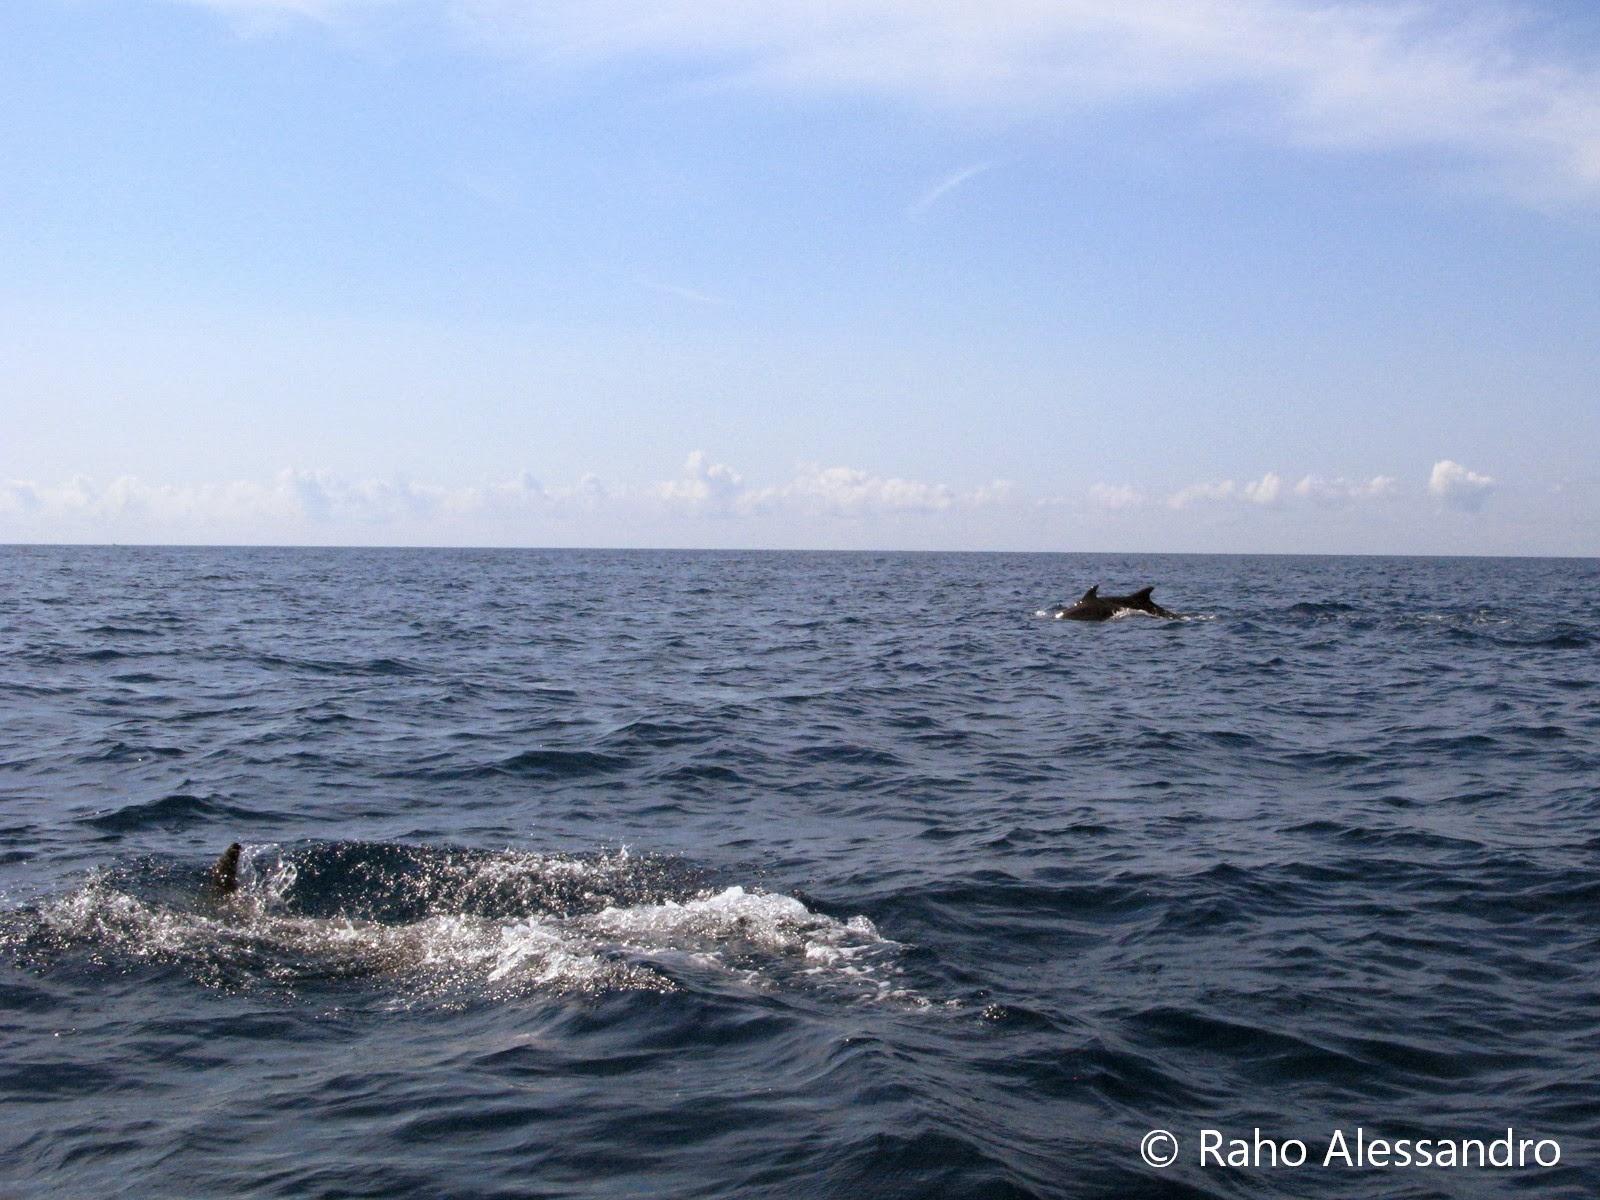 Necton e plancton mammiferi marini tursiope for Mammiferi che vivono in acqua